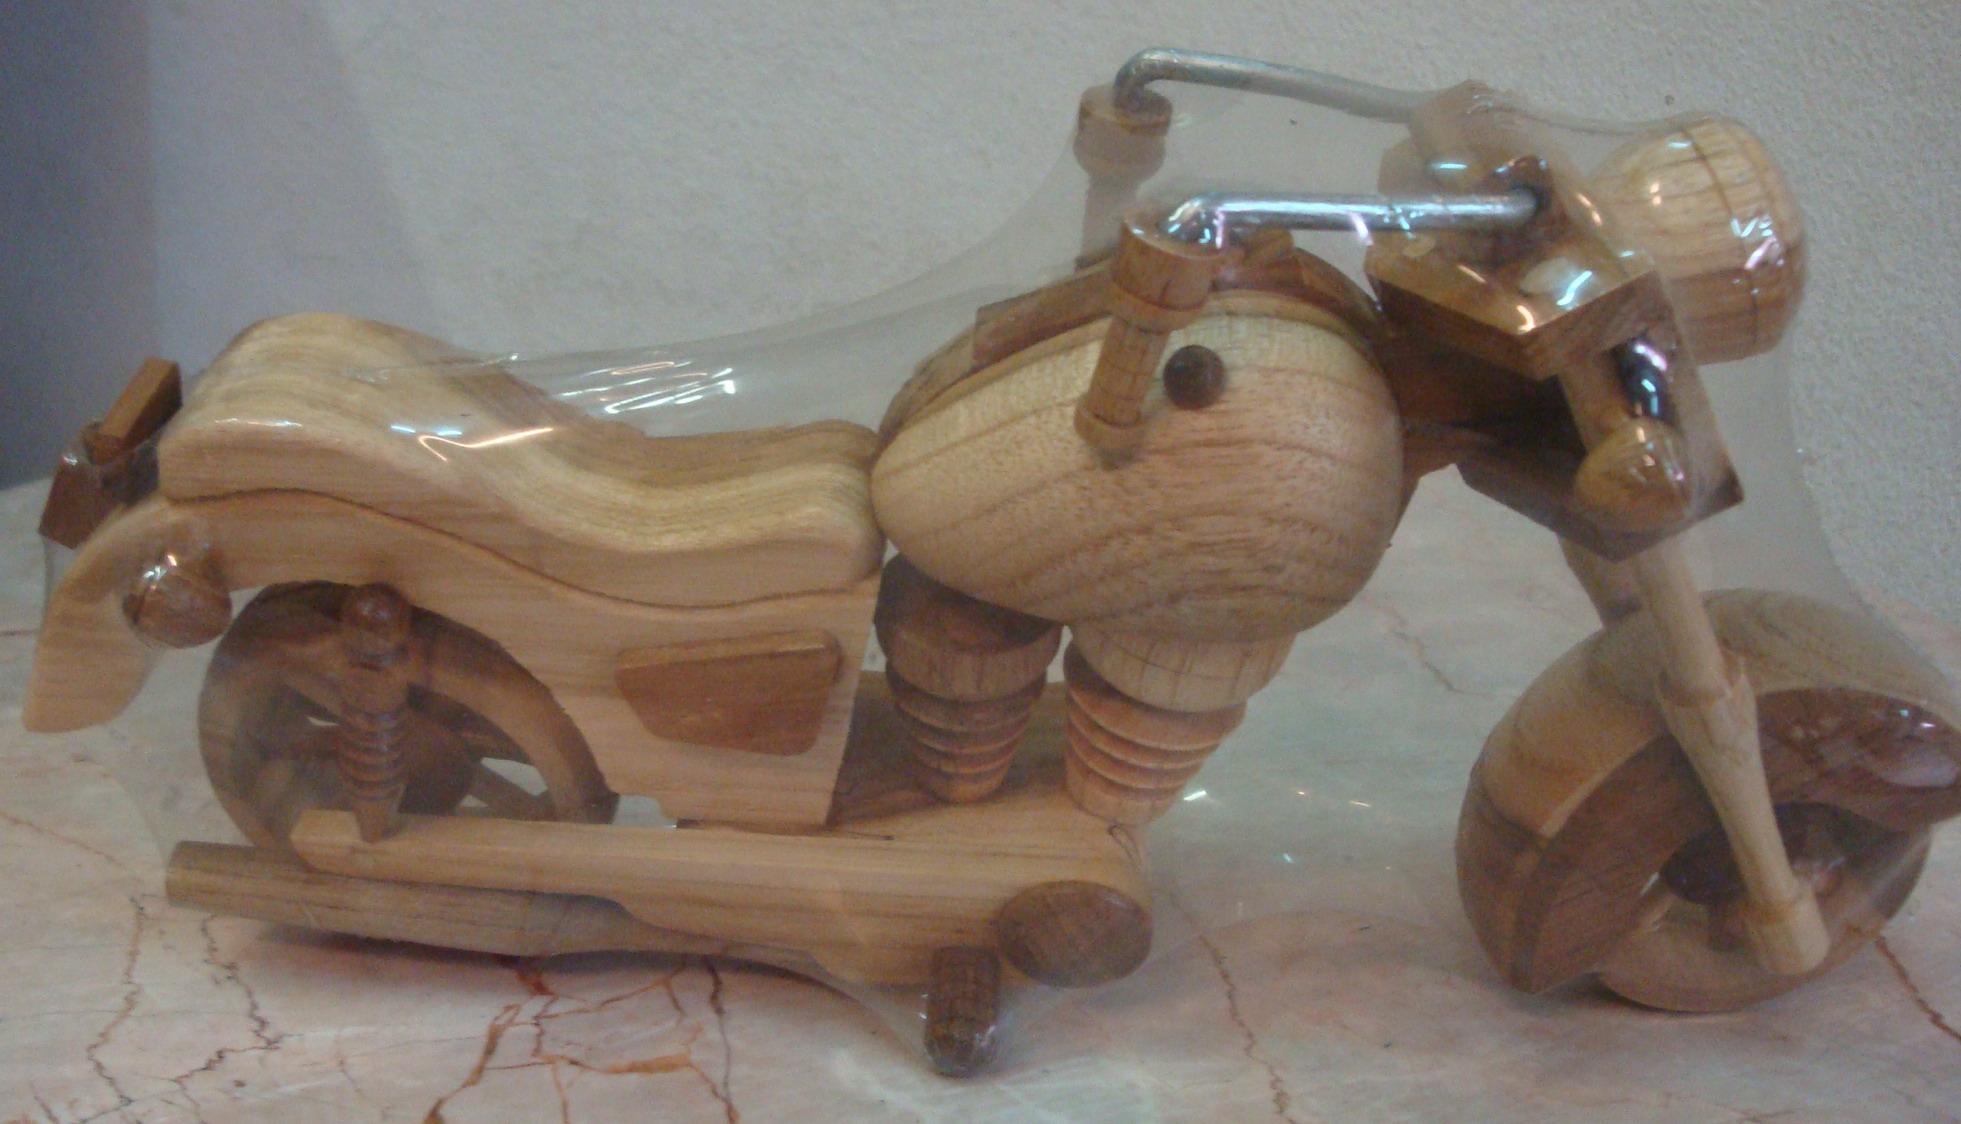 Wood Vehicle Toys